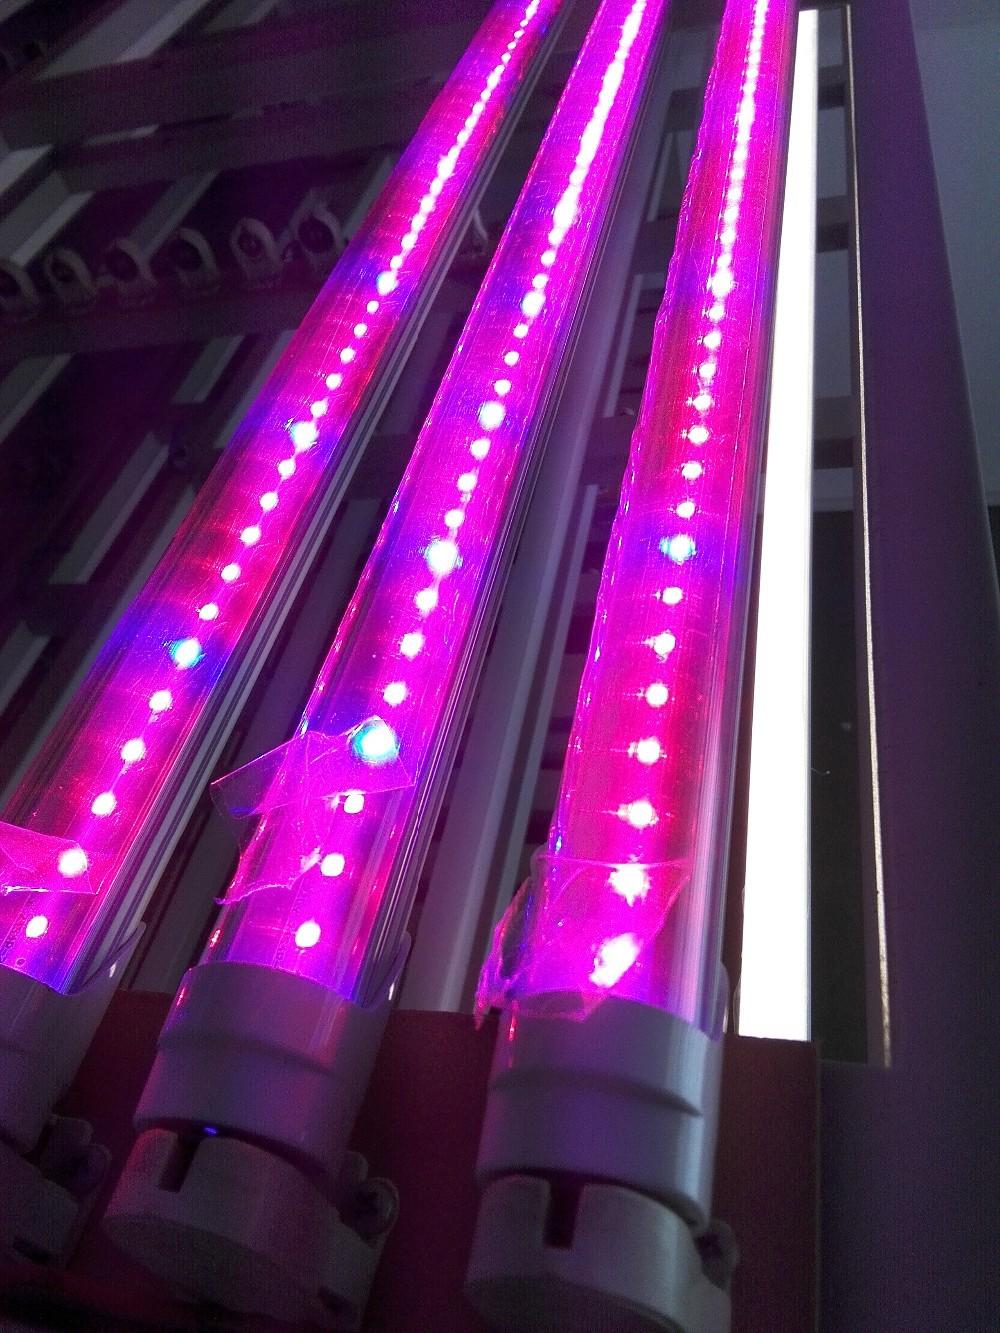 light 630nm 900mmT8 tube 4